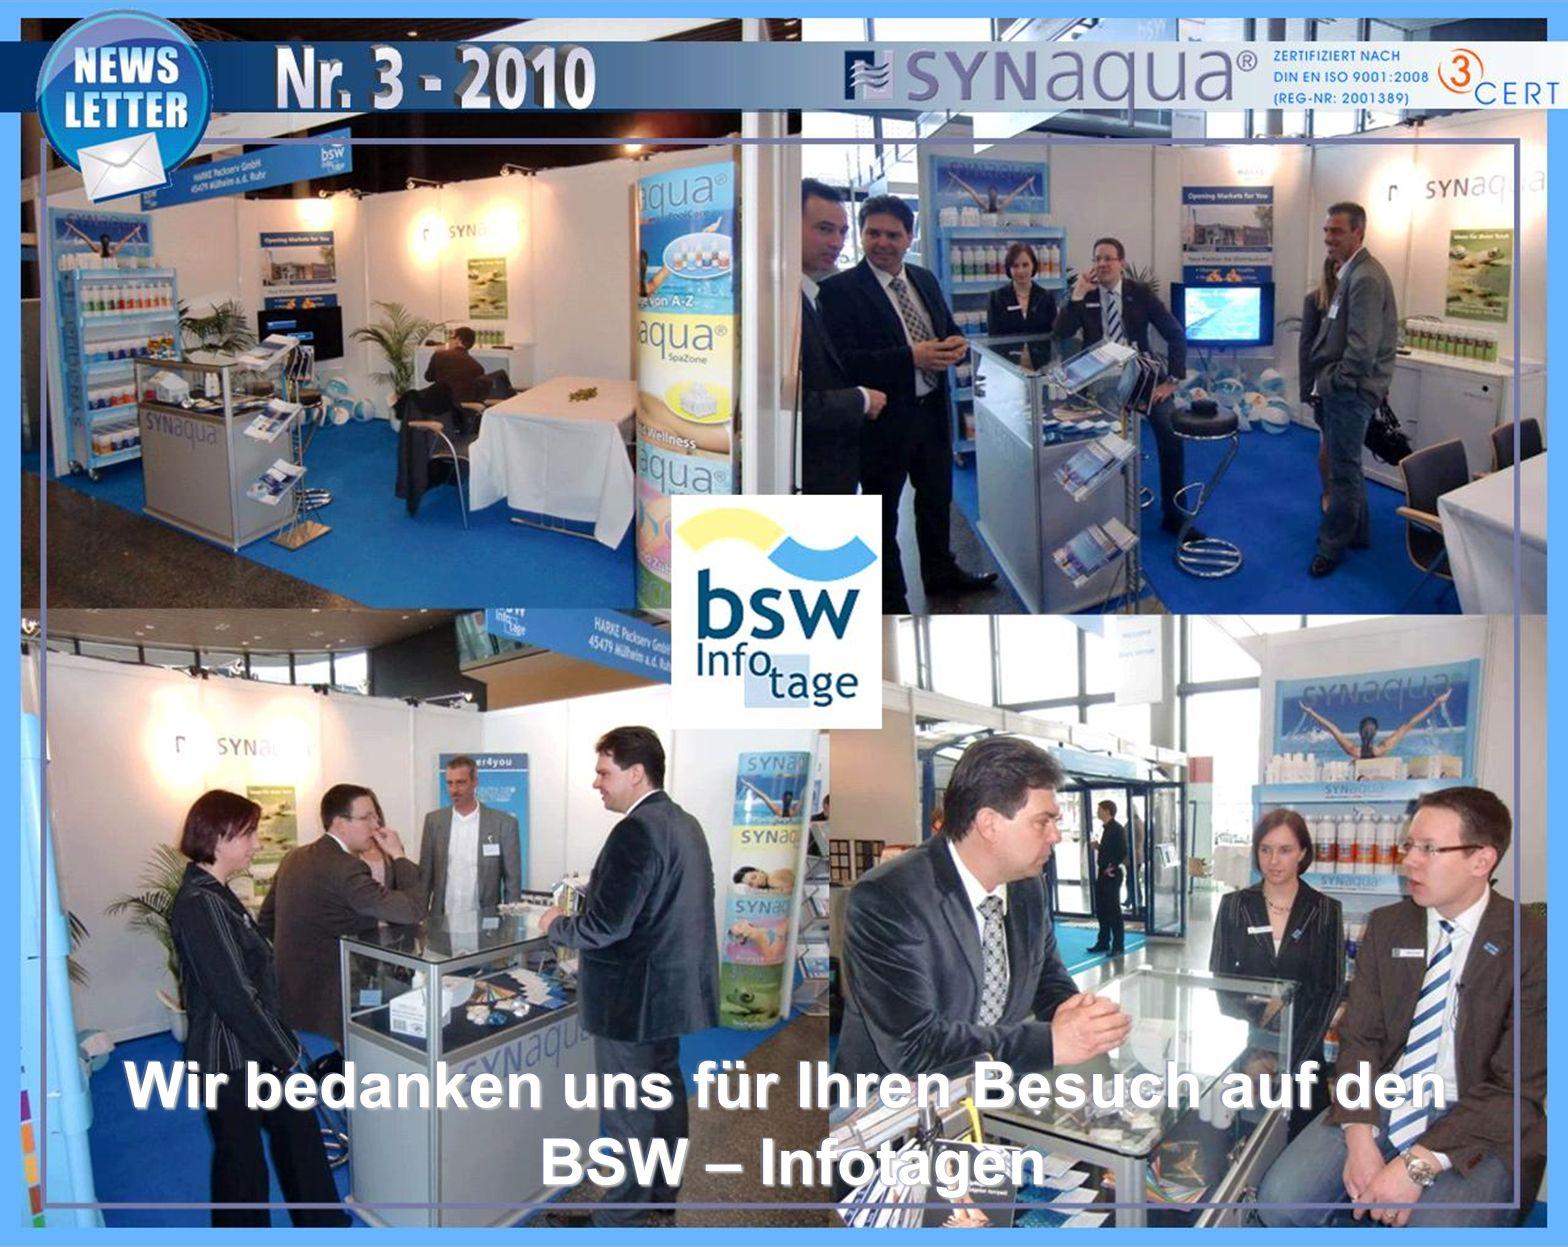 Wir bedanken uns für Ihren Besuch auf den BSW – Infotagen